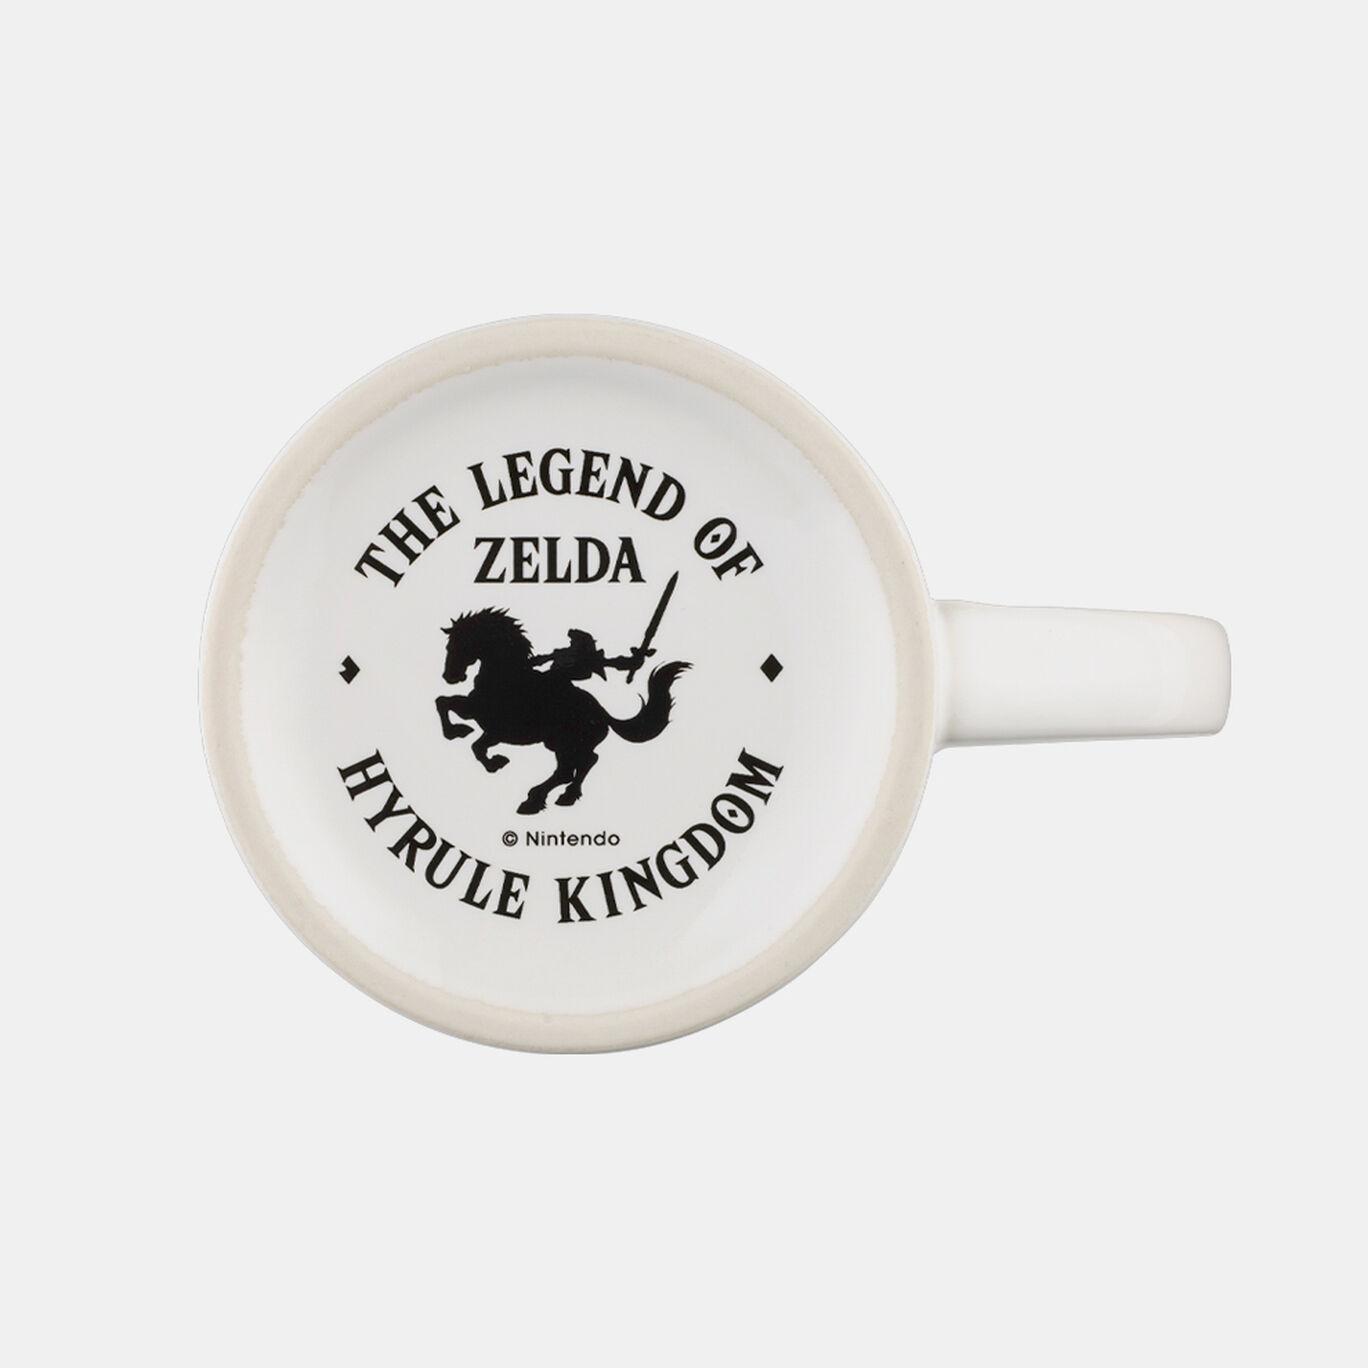 温感マグカップ ゼルダの伝説【Nintendo TOKYO取り扱い商品】